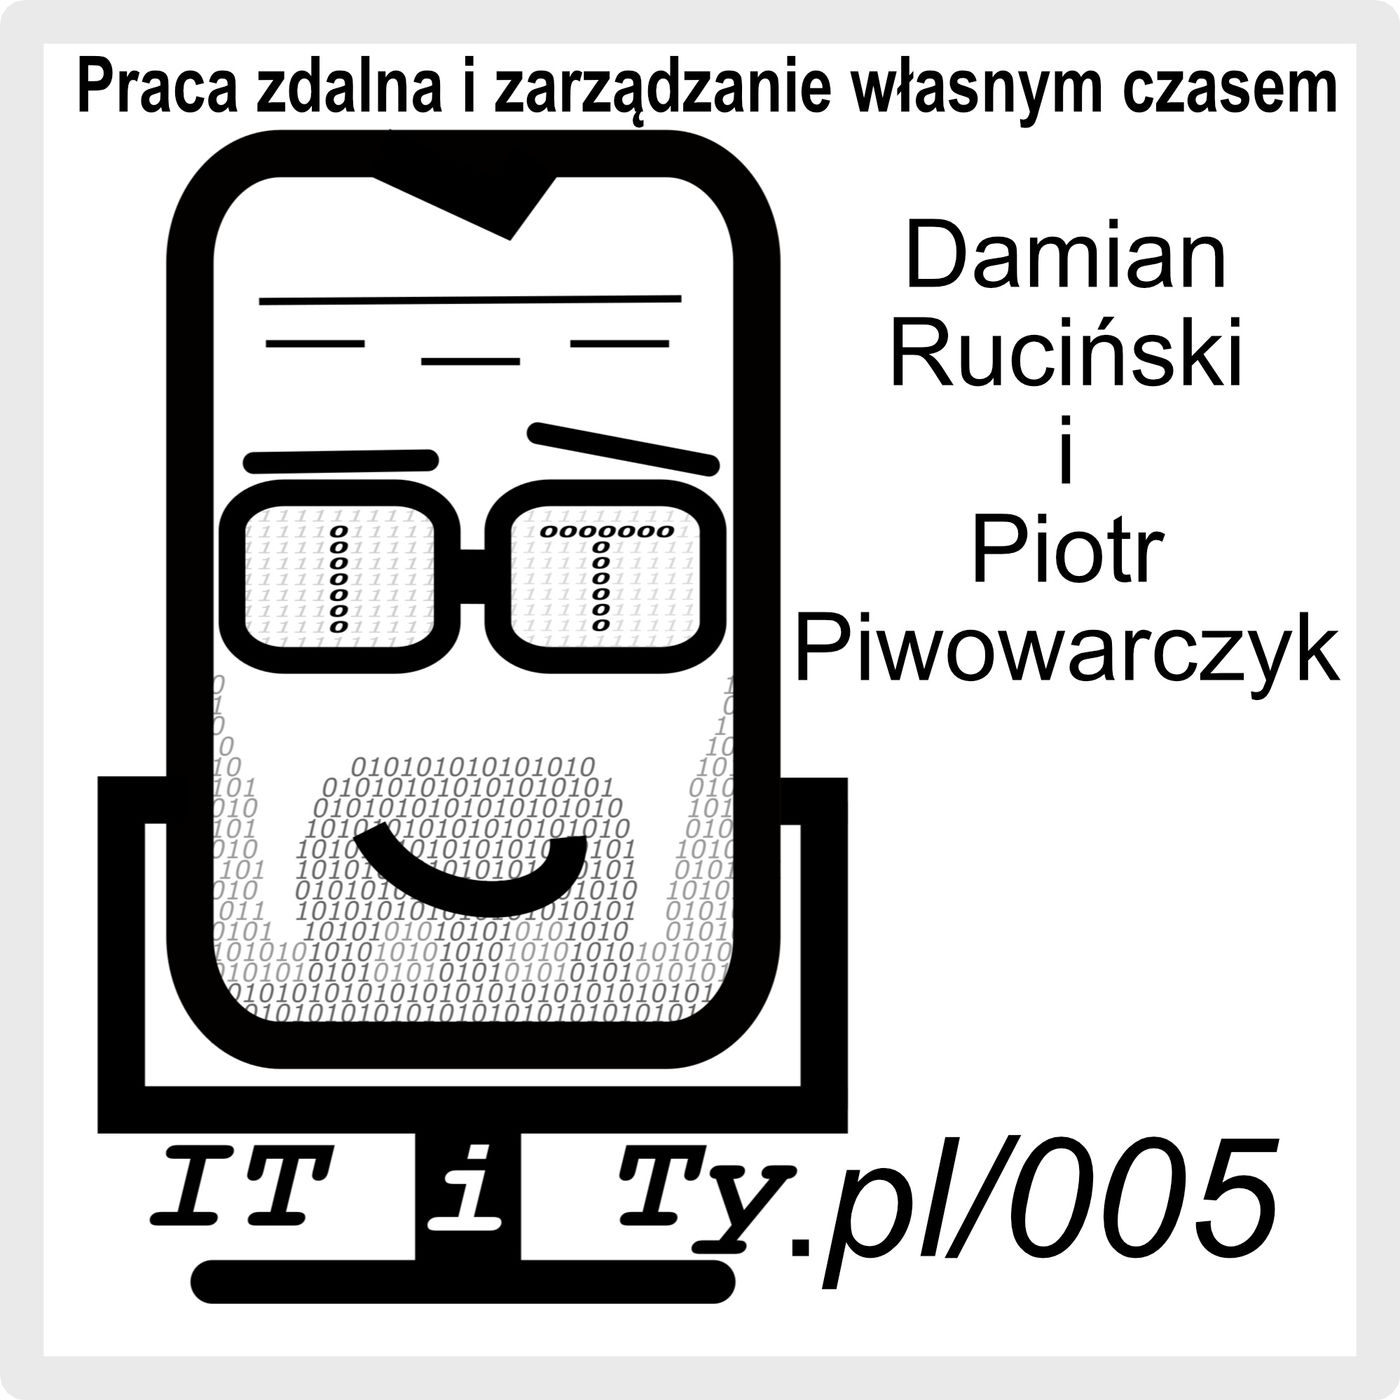 ITiTy#005 Praca zdalna i zarządzanie własnym czasem - Piotr Piwowarczyk